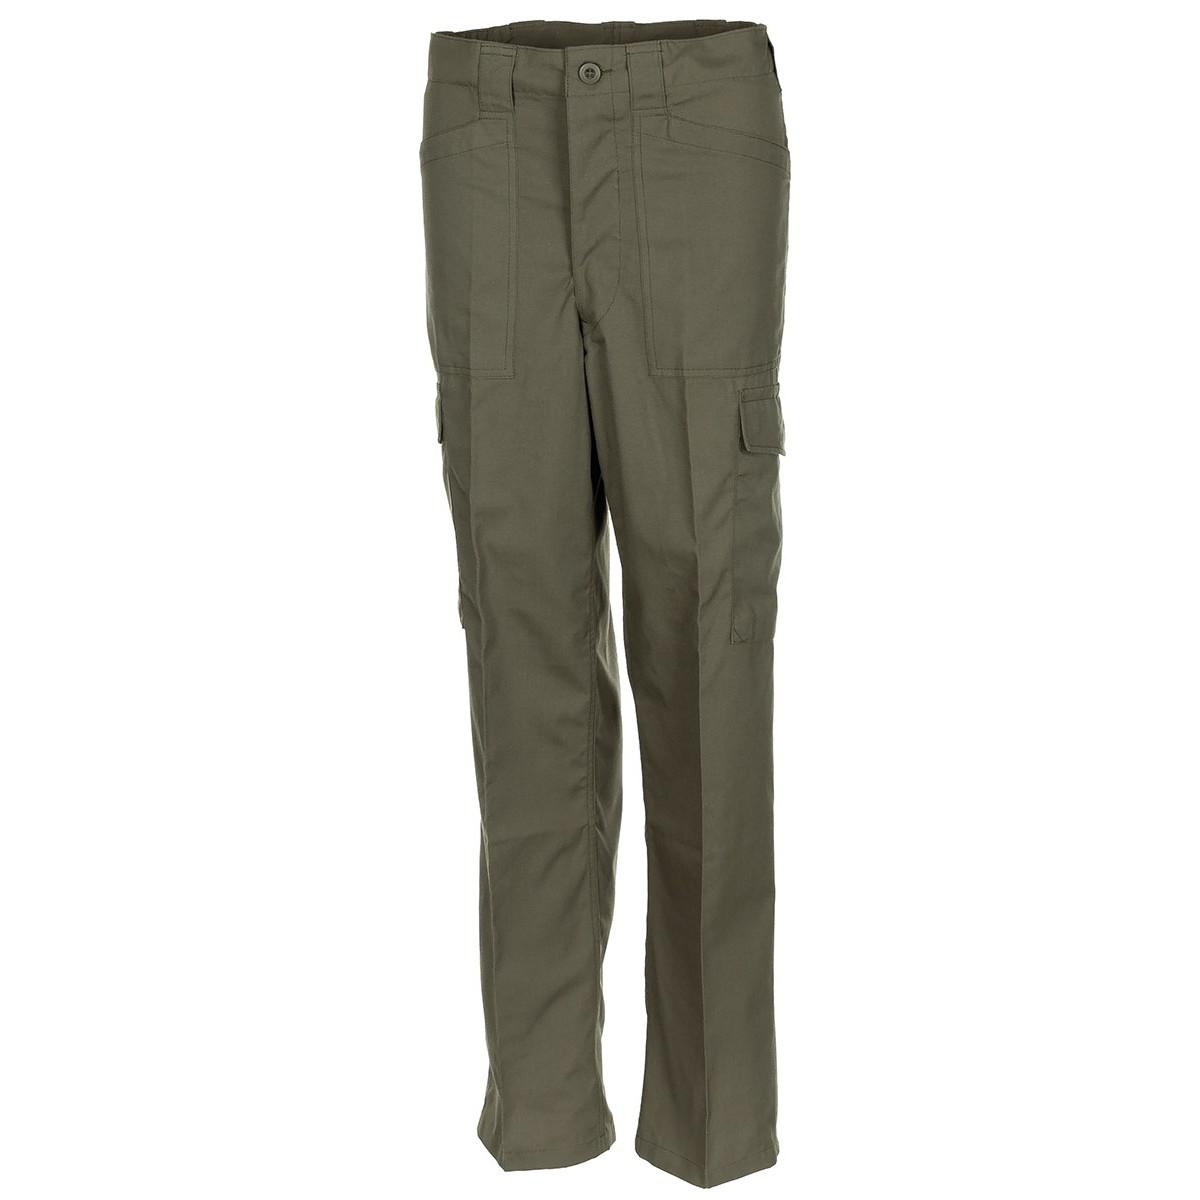 Pantalone austrijske vojske